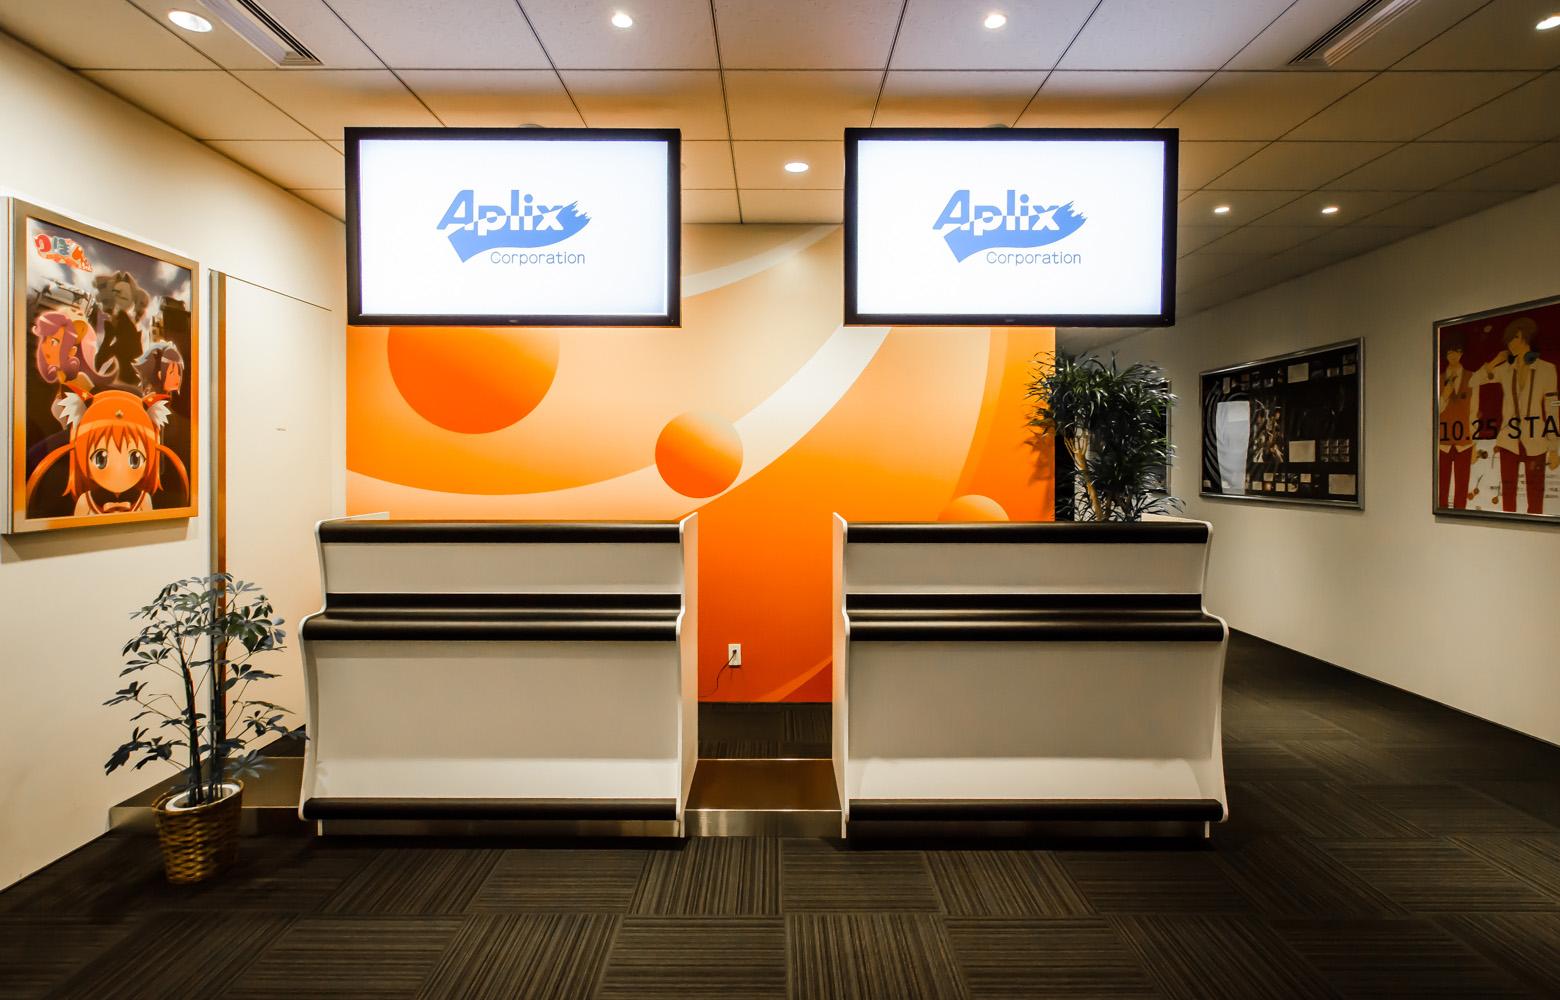 アプリックスIPホールディングス Entrance デザイン・レイアウト事例